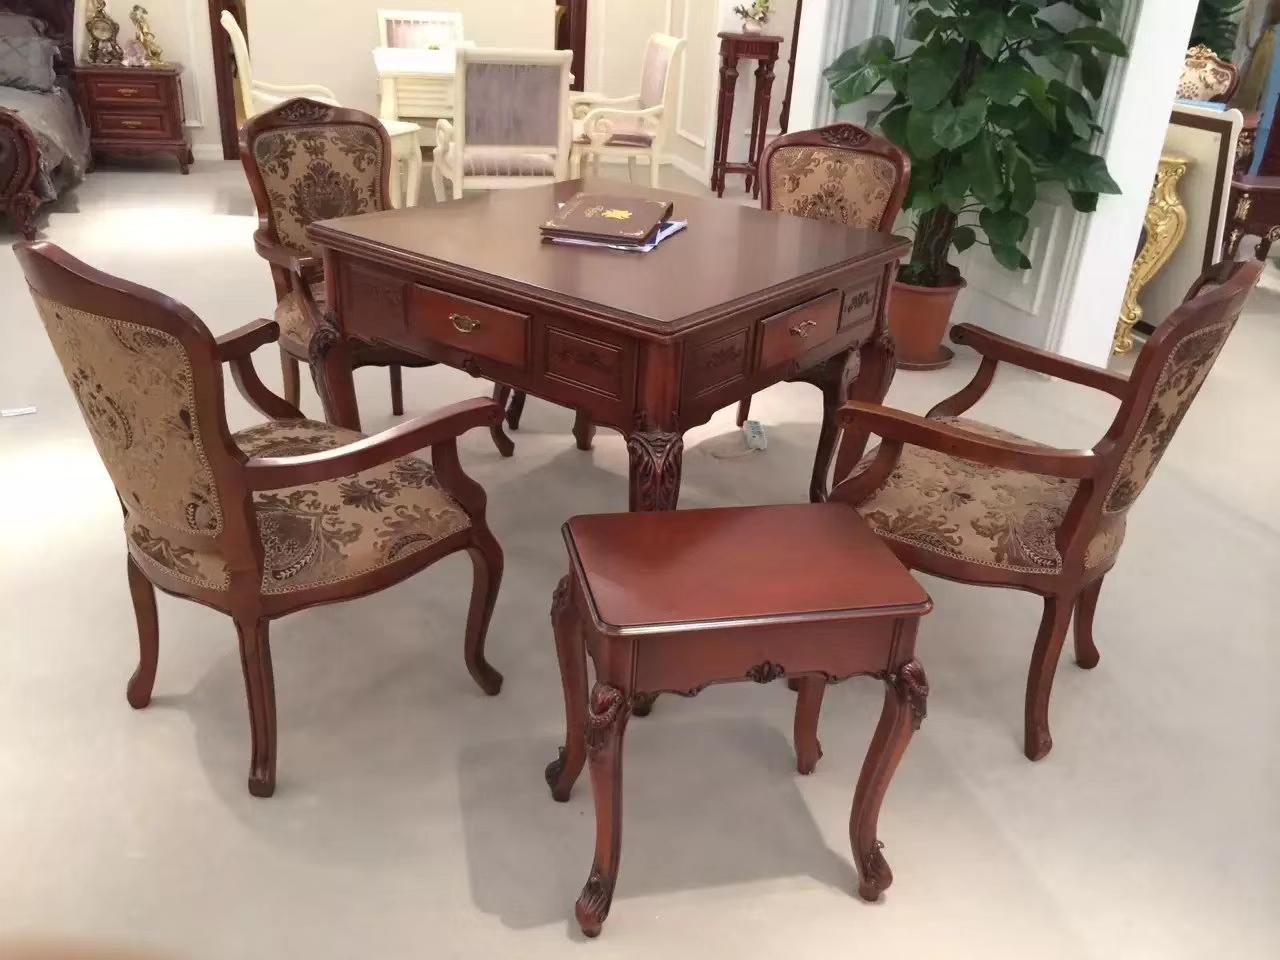 重庆餐桌高端实木麻将桌批发 销售